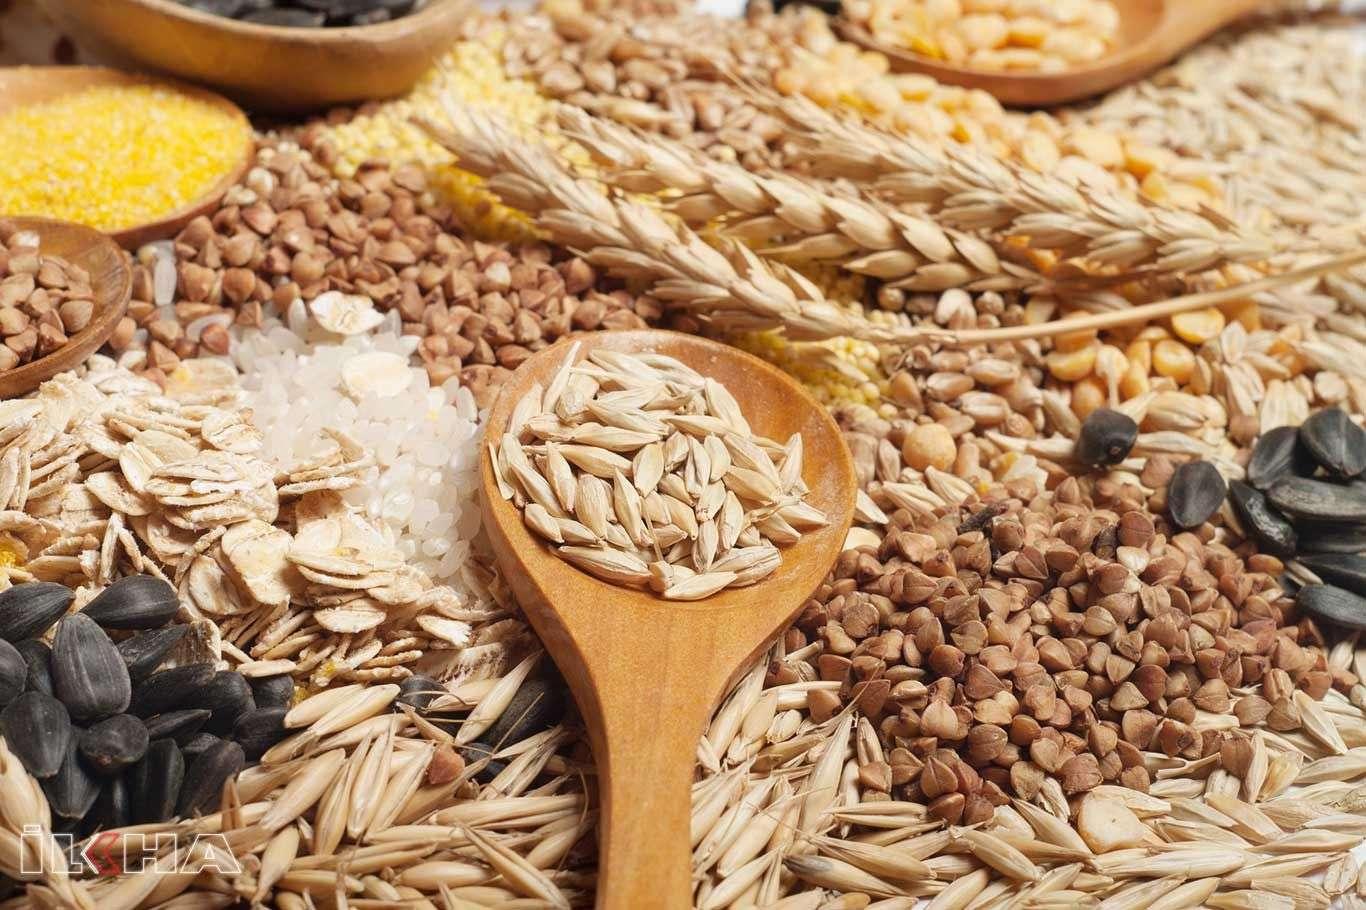 Buğday, arpa ve mısırda gümrük vergisi sıfırlandı